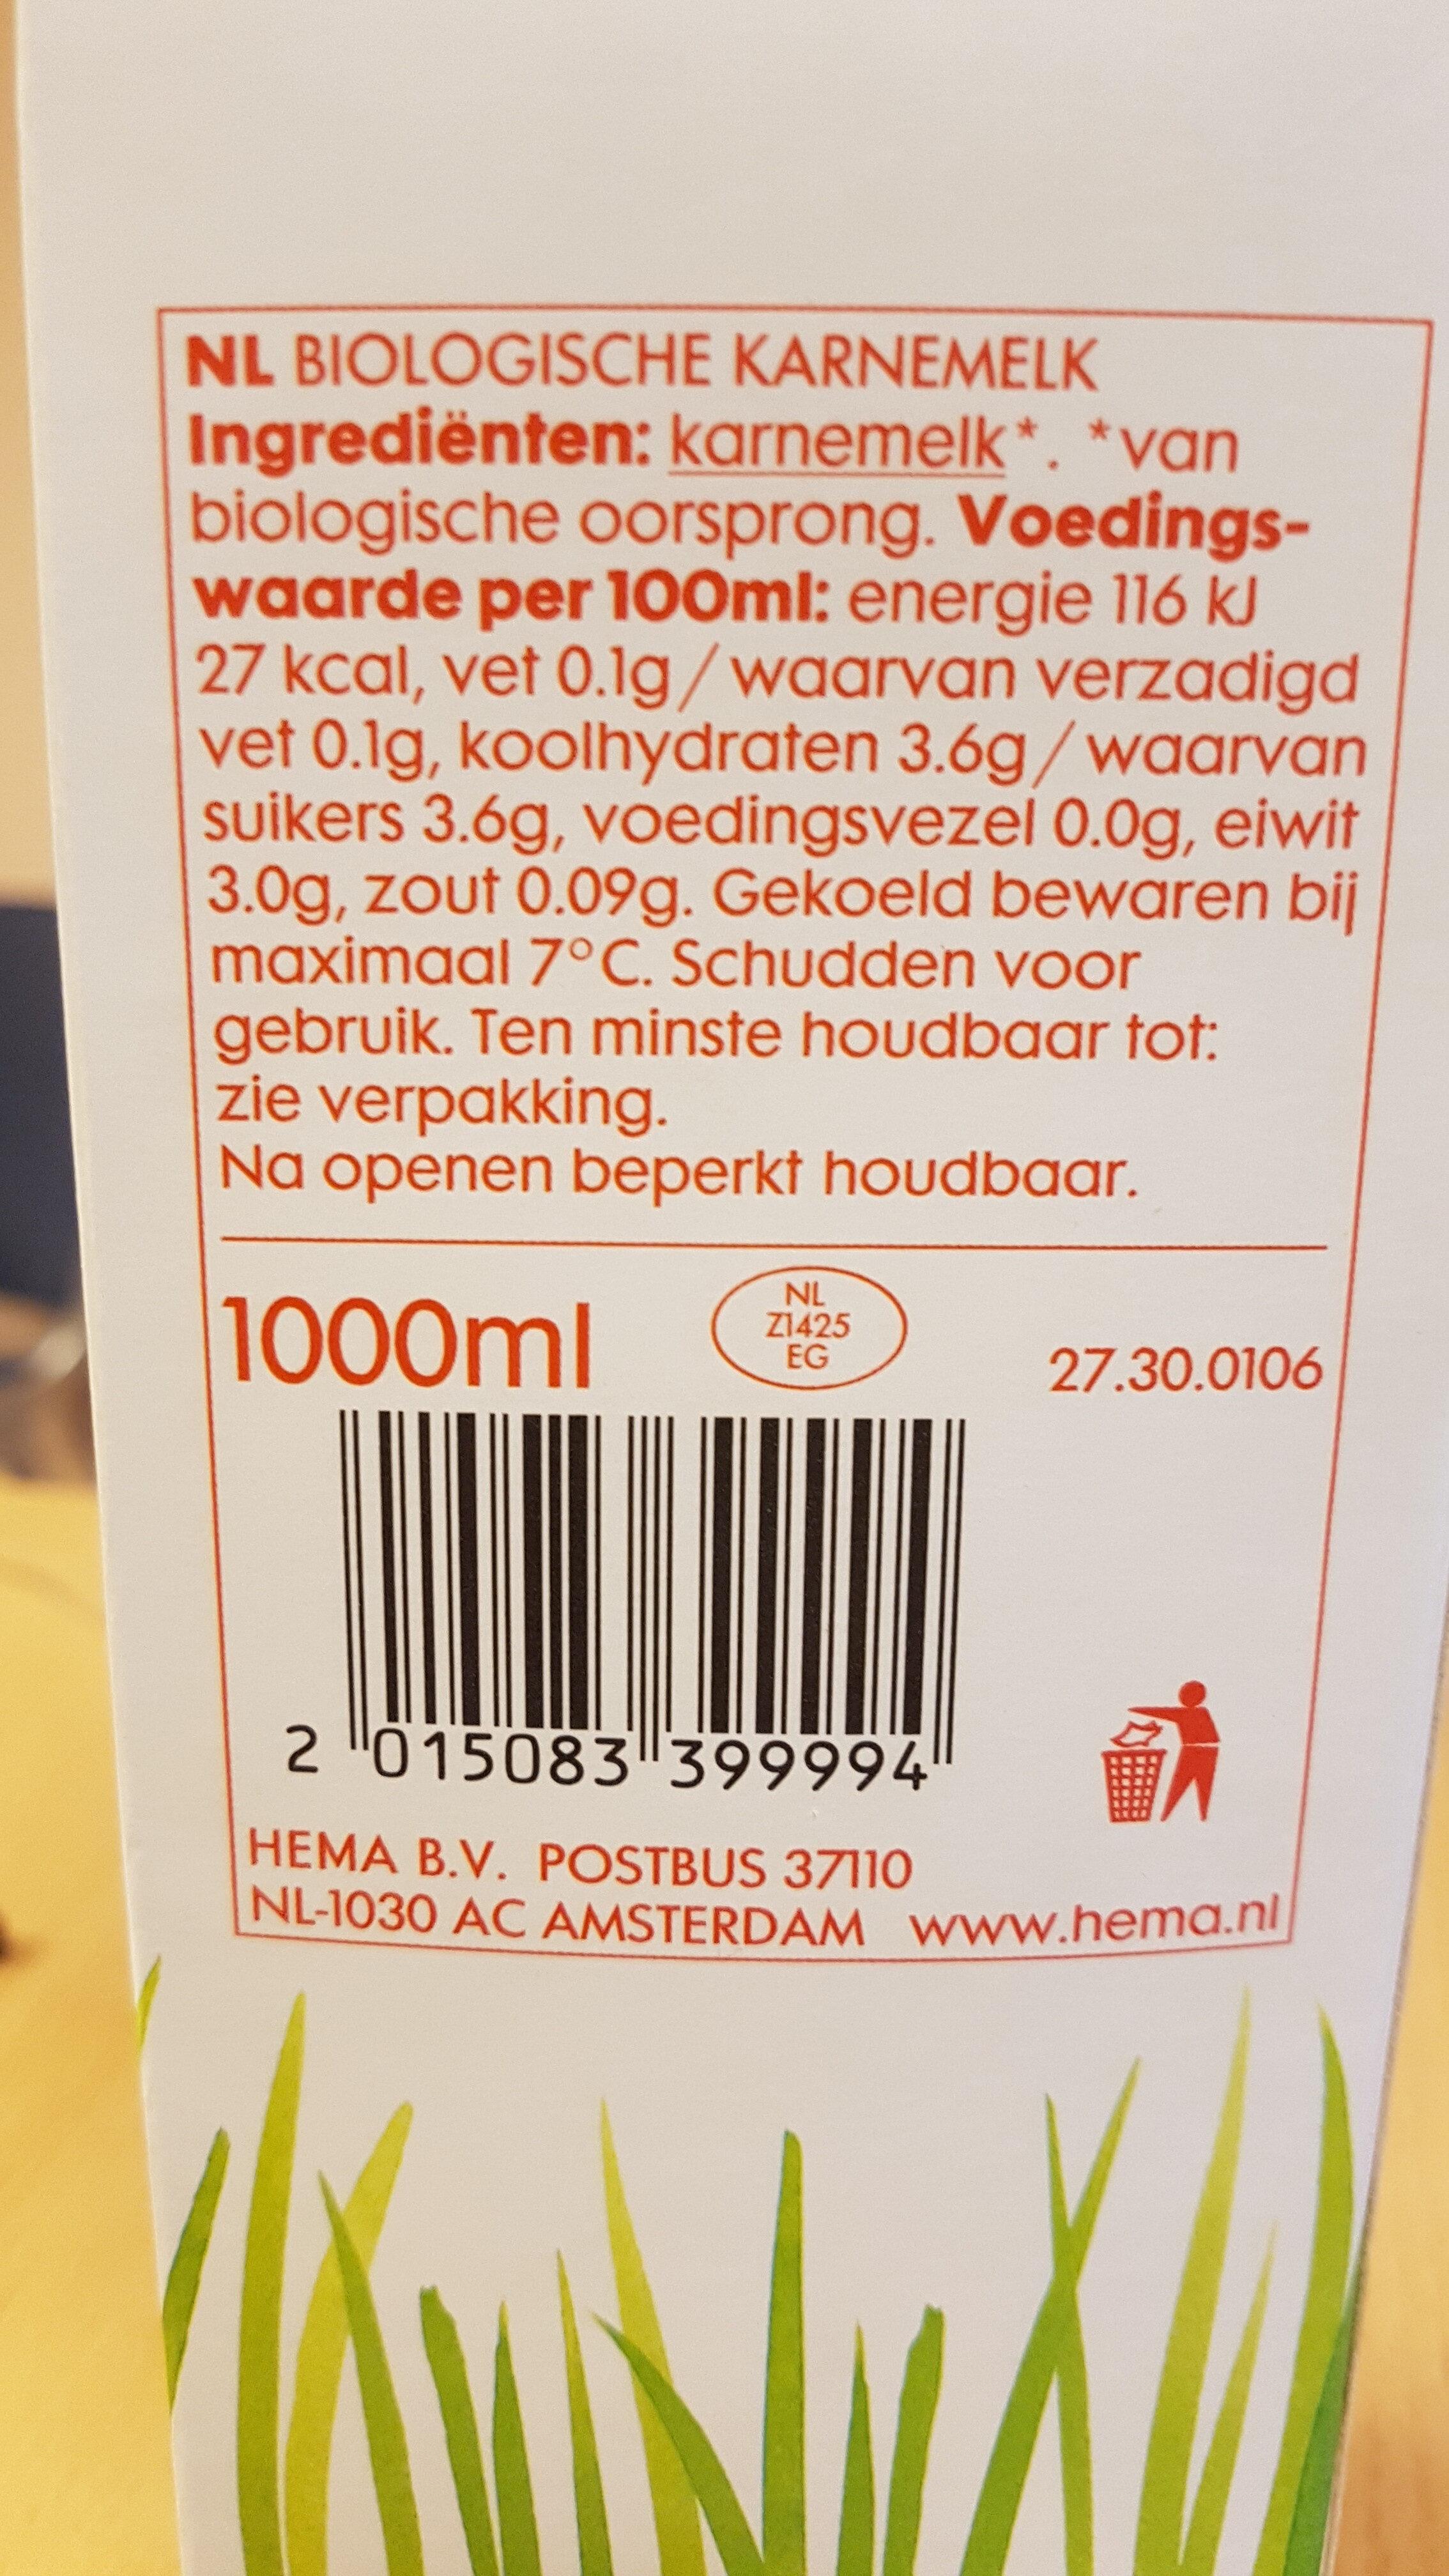 Biologische karnemelk - Product - nl